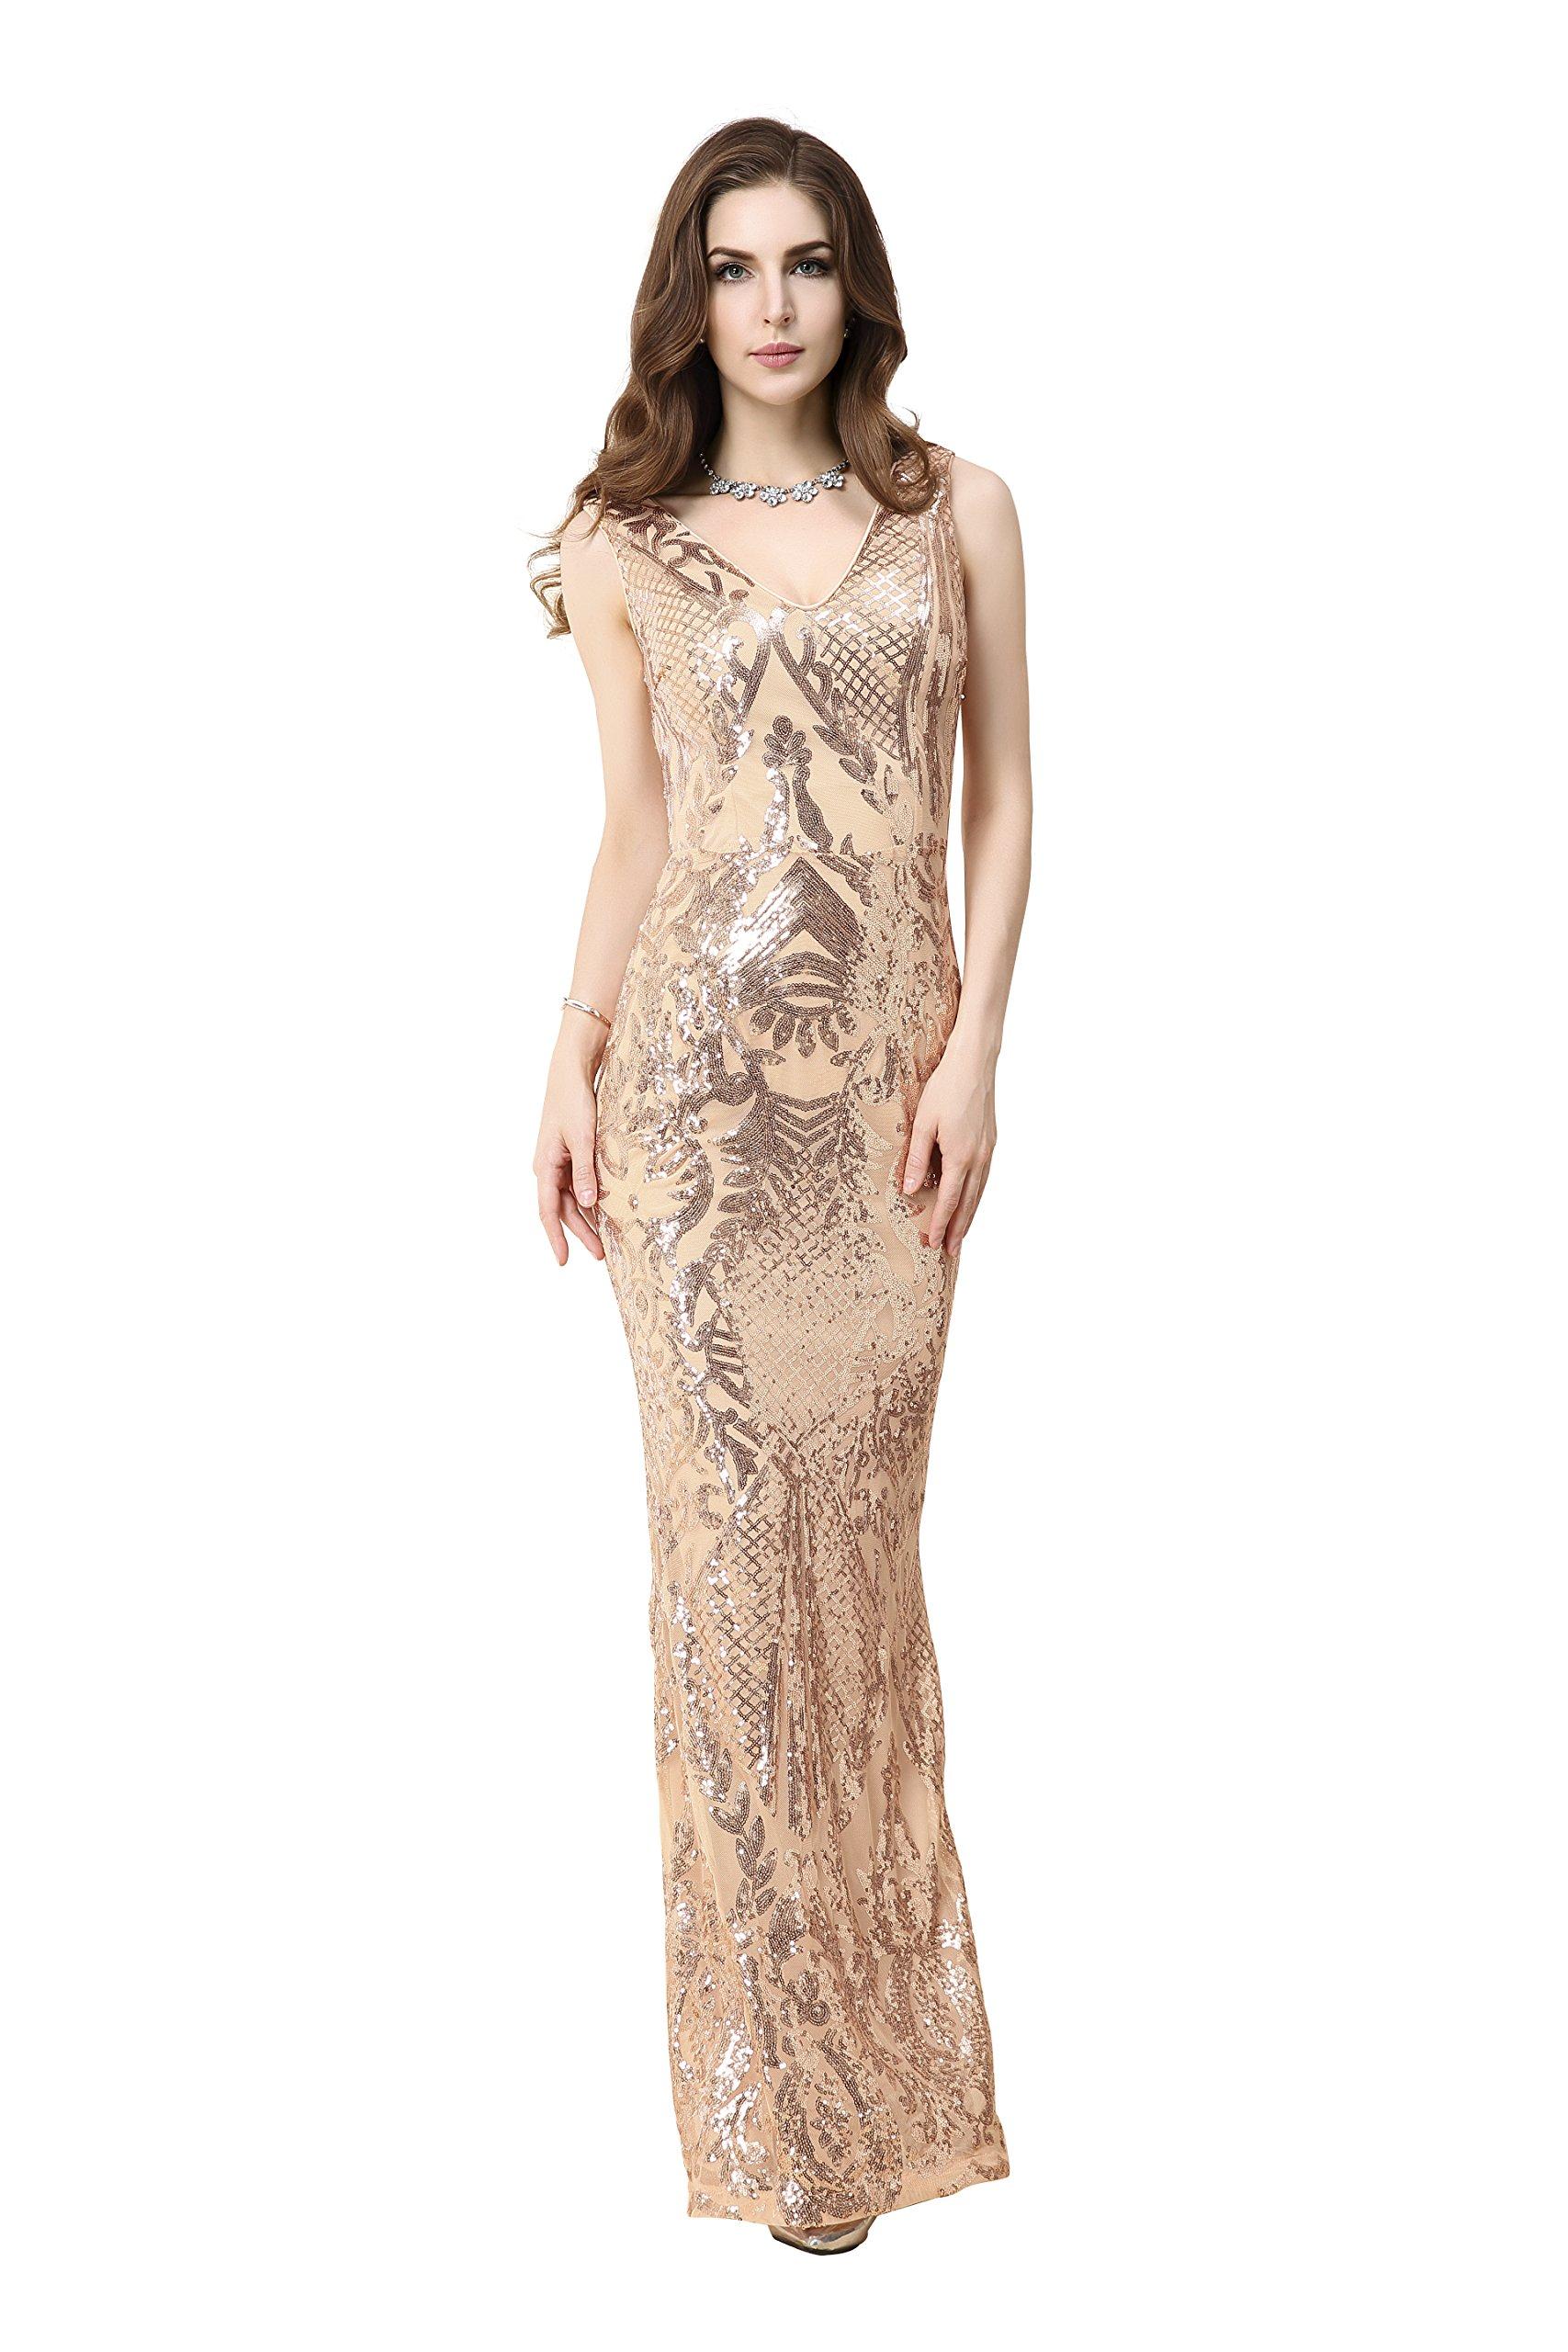 a64b04a569fd Matouyigui Women's Elegant Golde Evening Party Dress (XXXXX-Large, Gold)